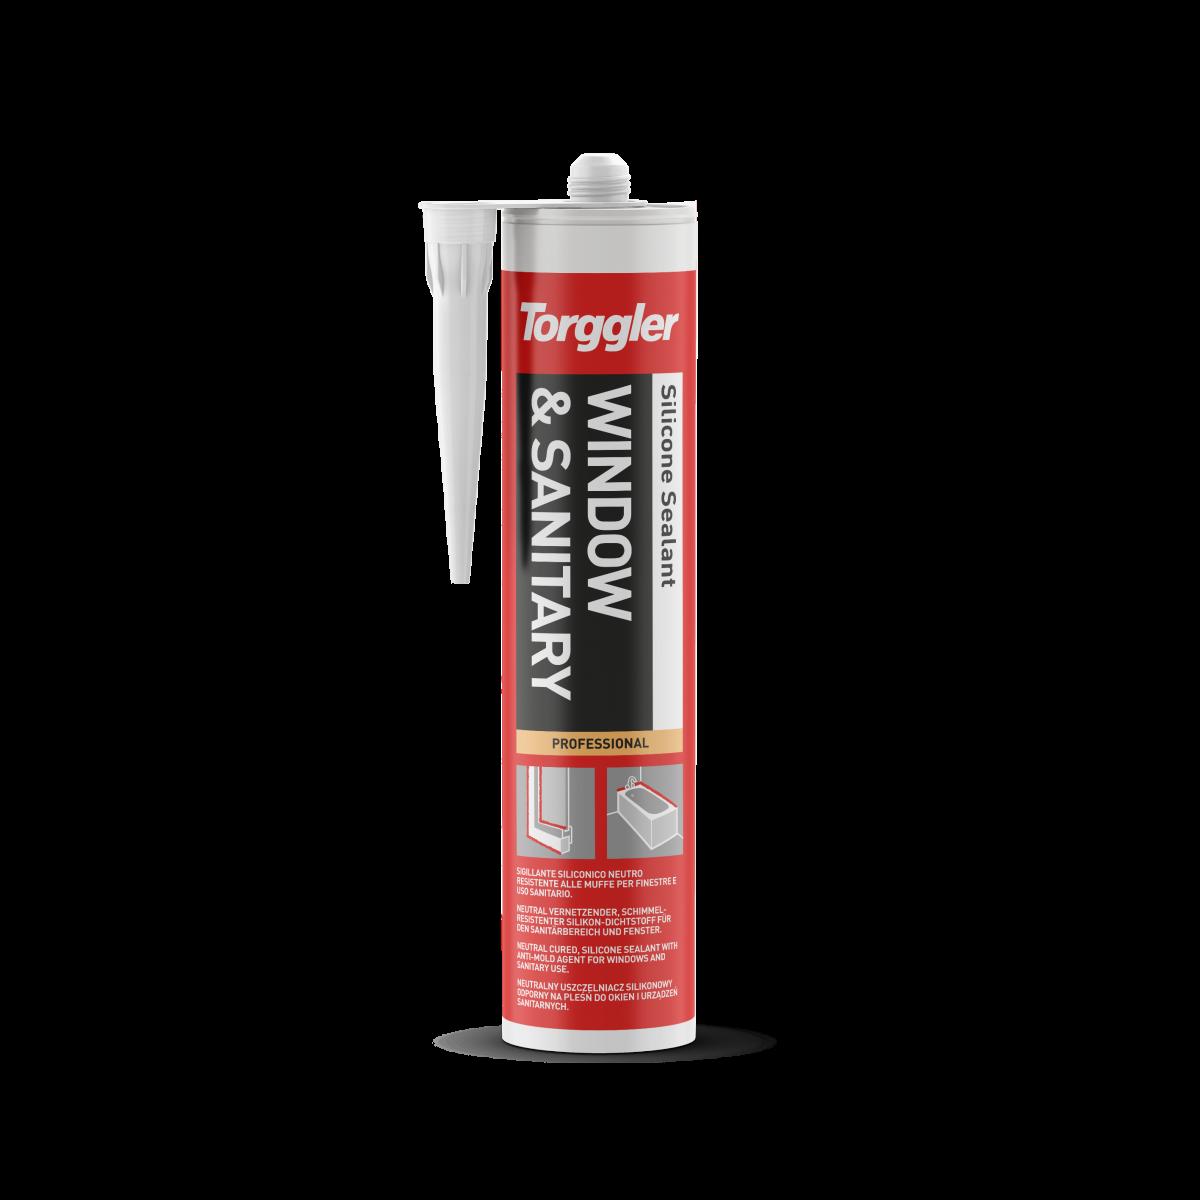 Sigillante siliconico neutro resistente alle muffe per serramentistica e uso sanitario.